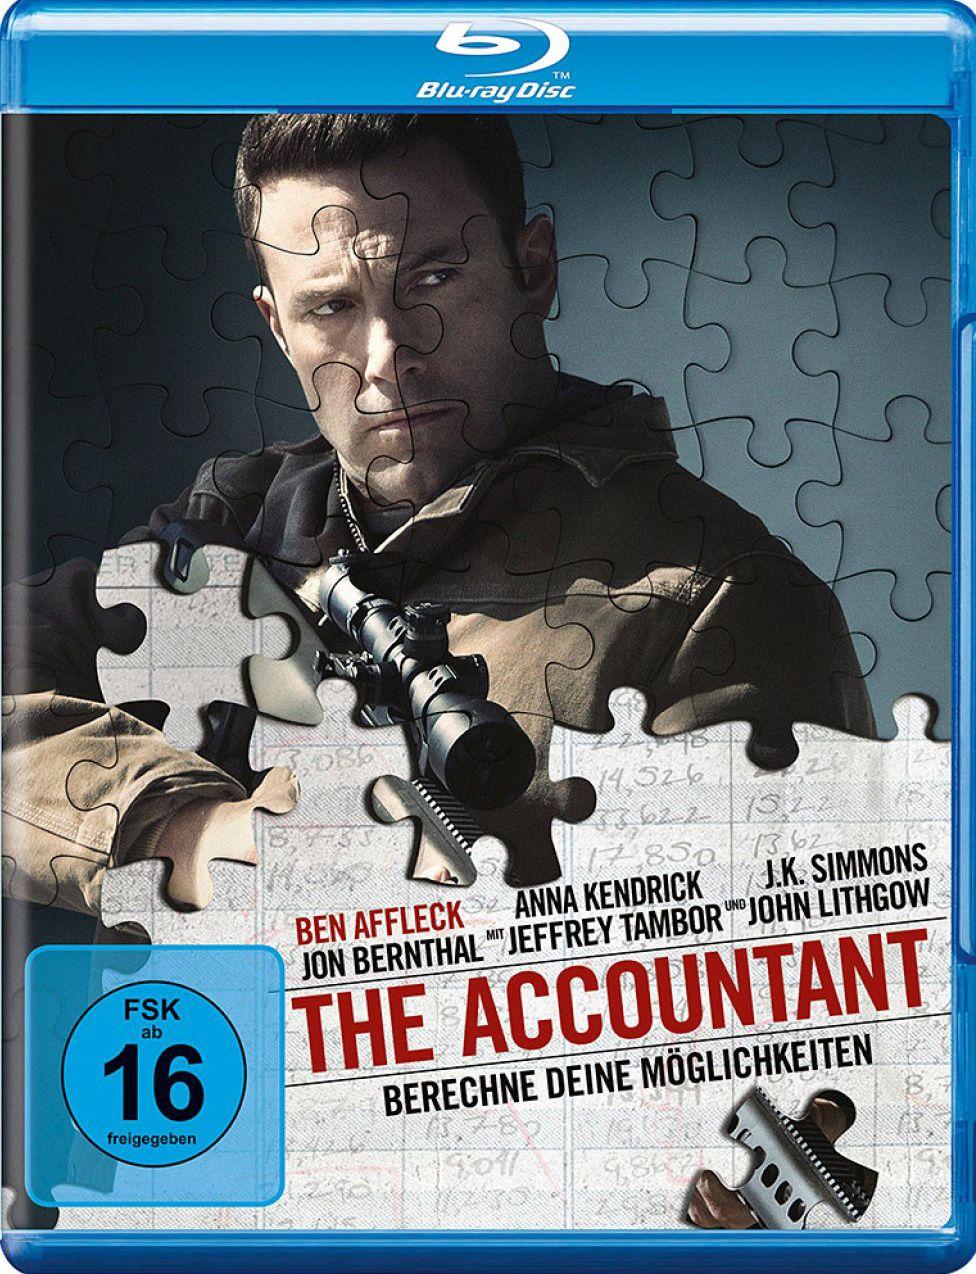 Accountant, The - Berechne Deine Möglichkeiten (BLURAY)